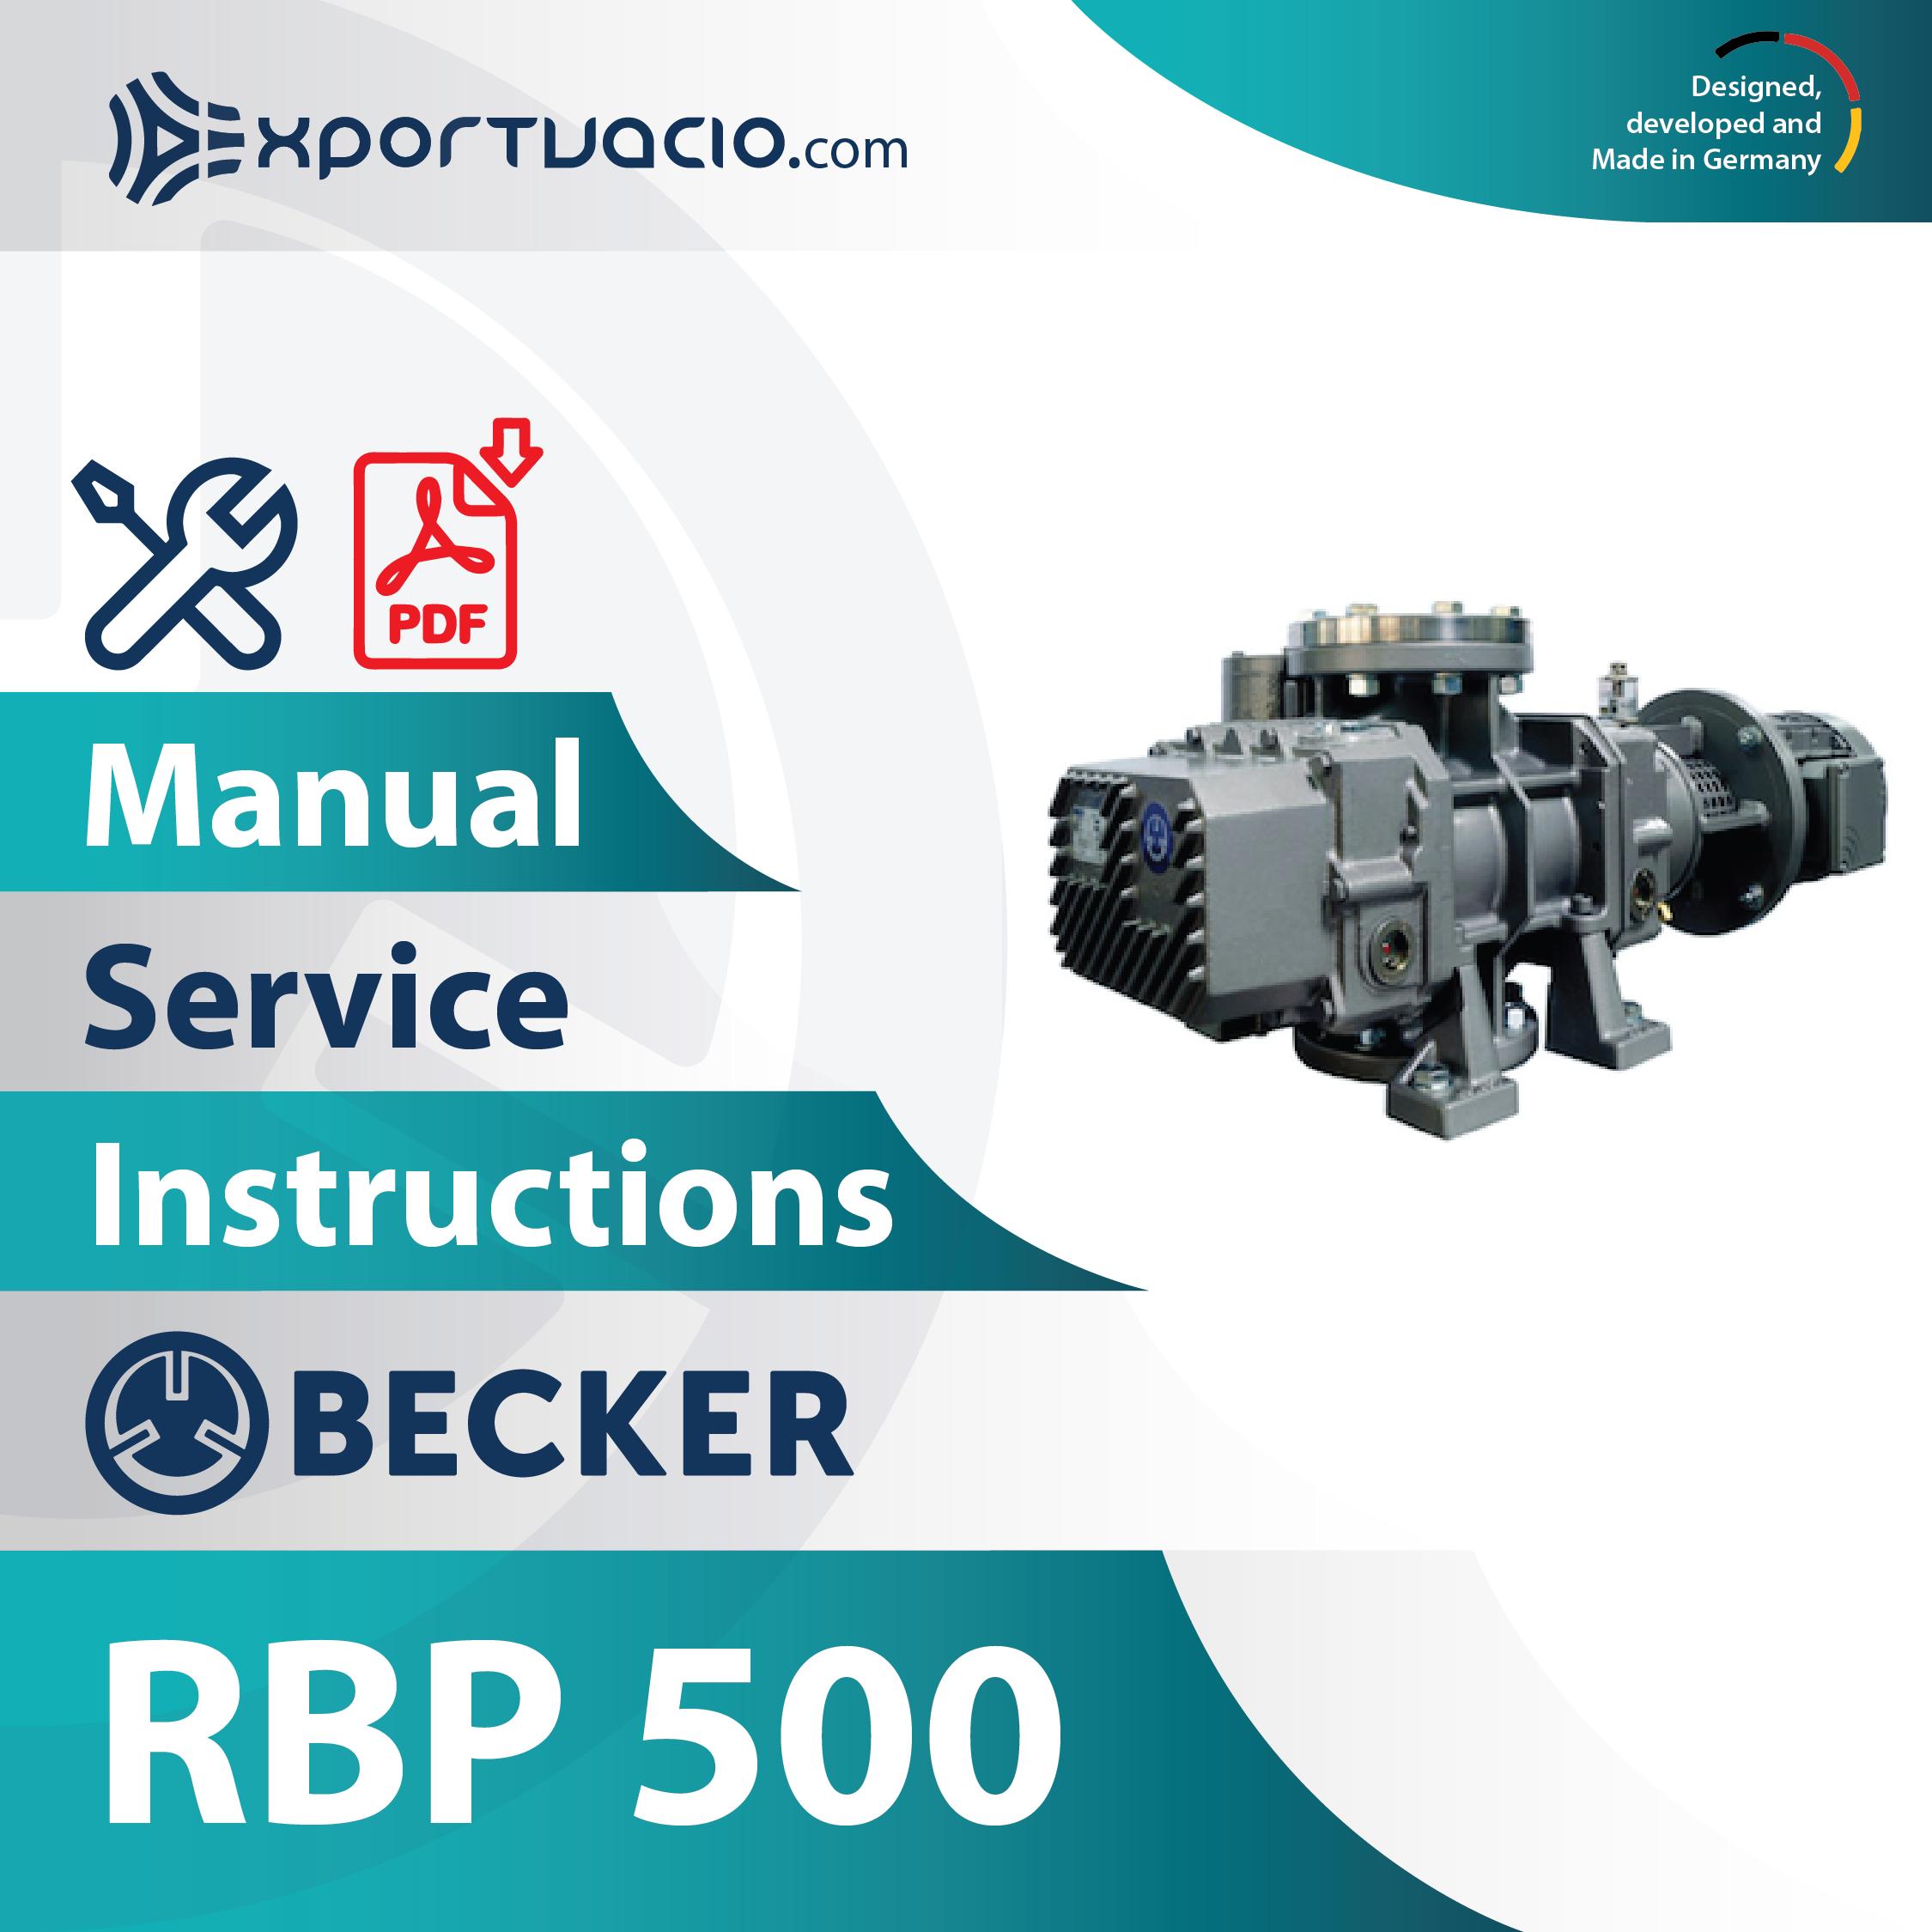 Becker RBP 500